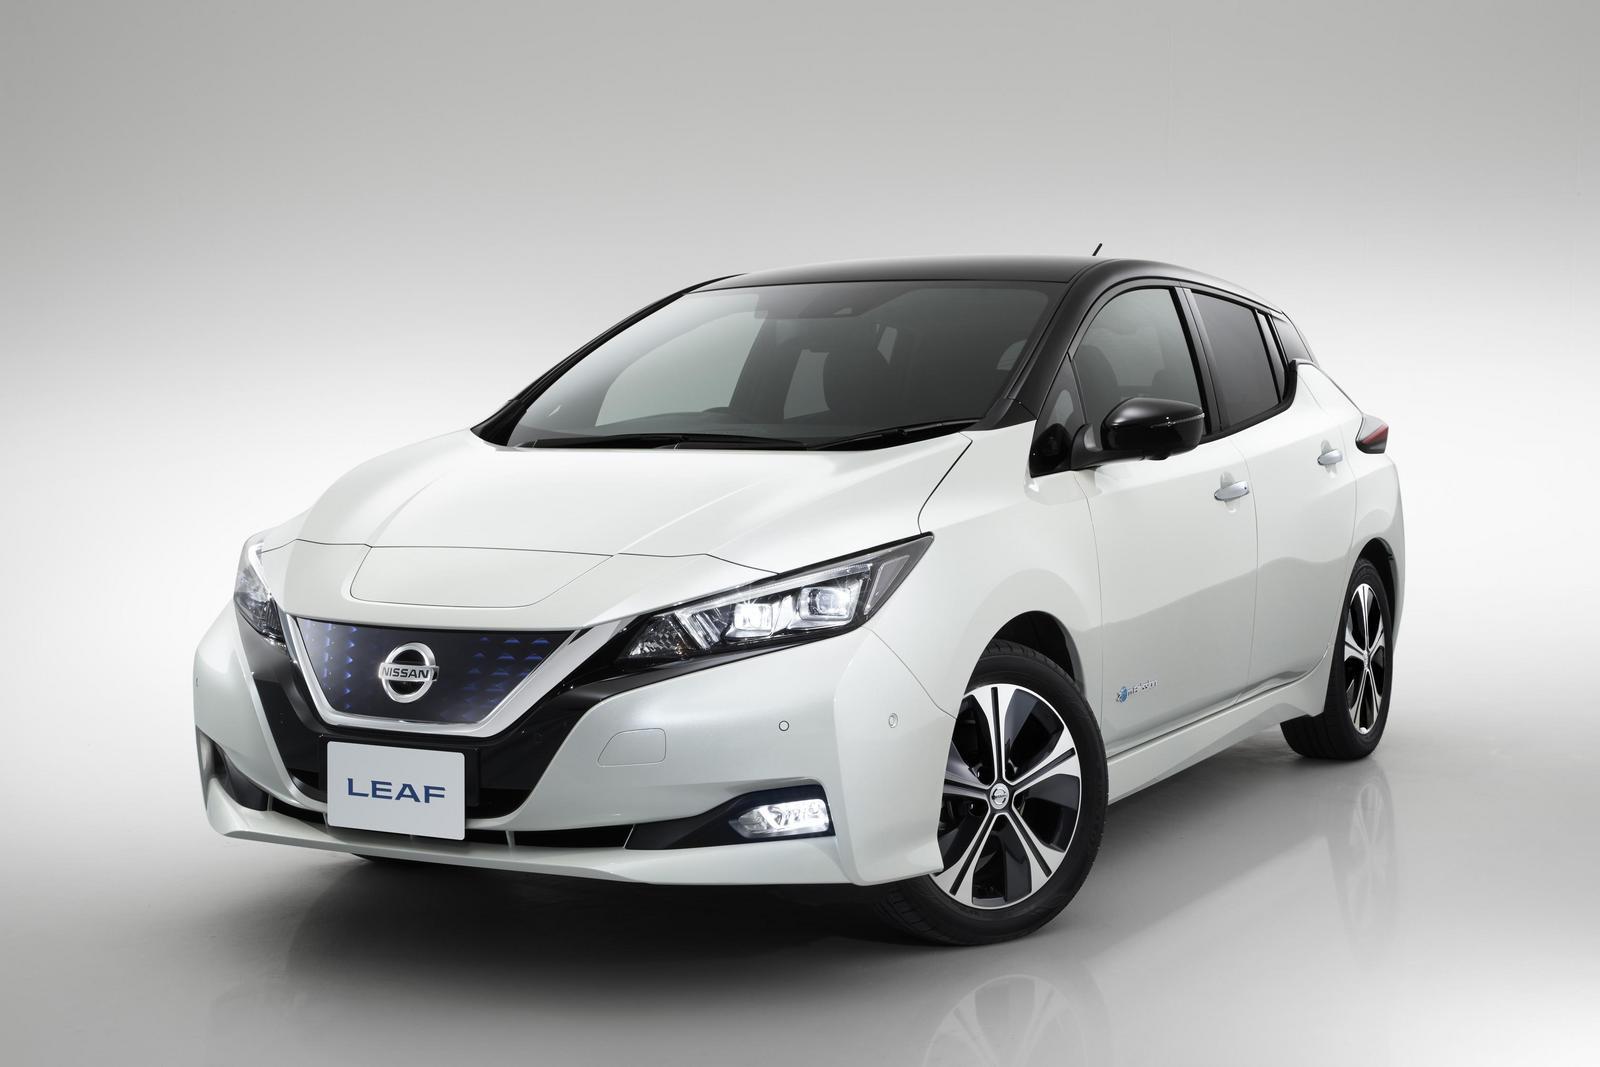 Nissan Leaf 2017 >> 2017 Nissan Leaf Specifications By Sergio Davids Infogram